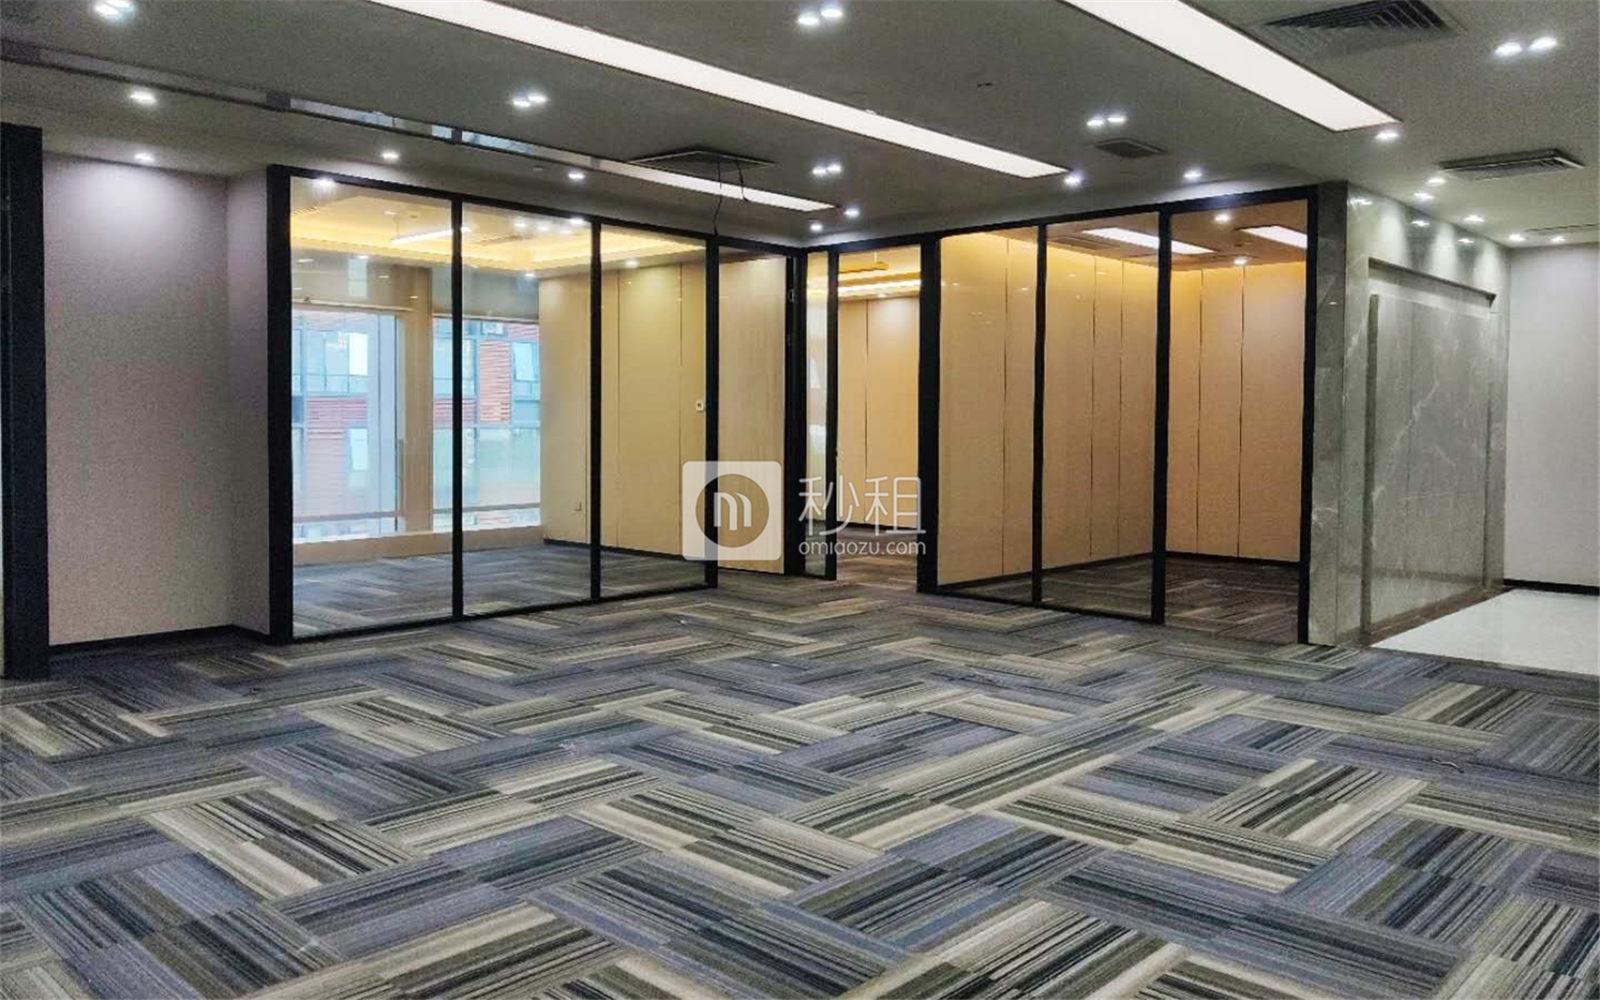 珠控国际中心-珠控商务大厦